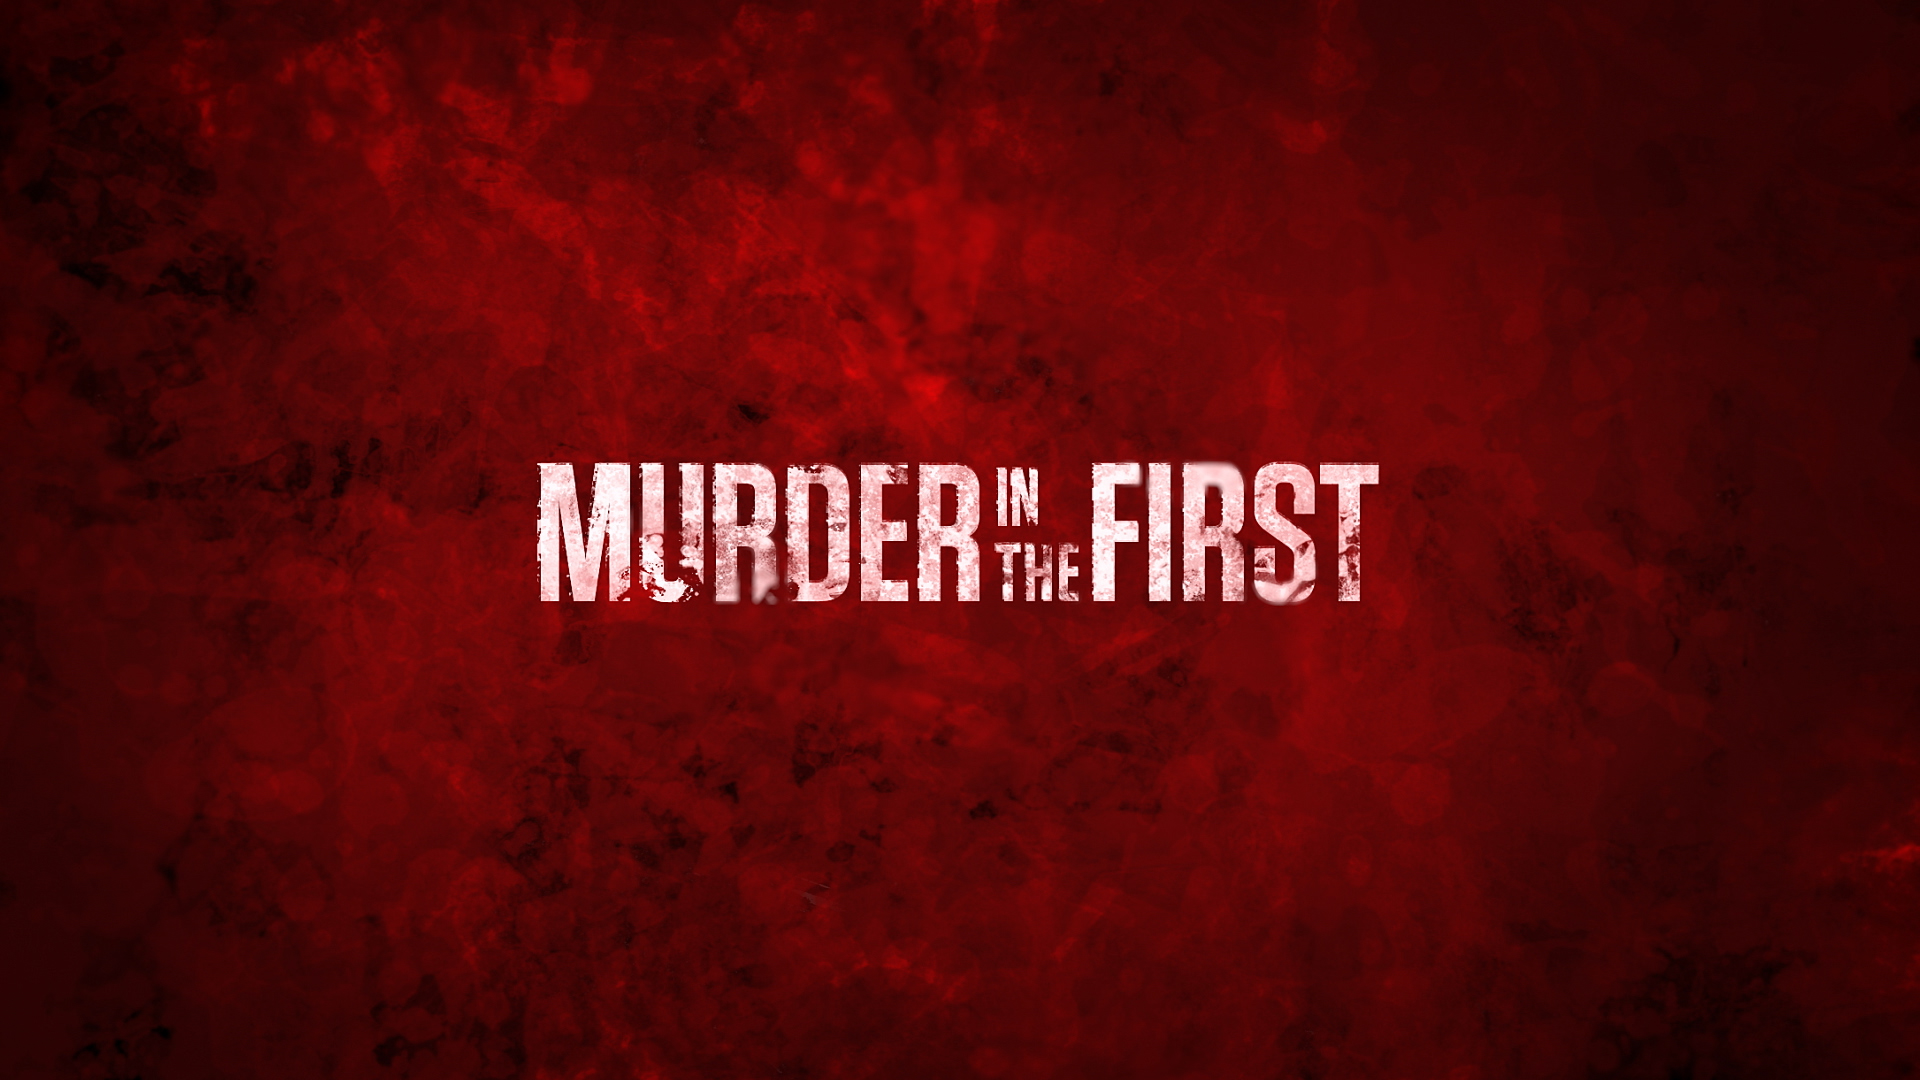 MurderInTheFirst_00002.jpg